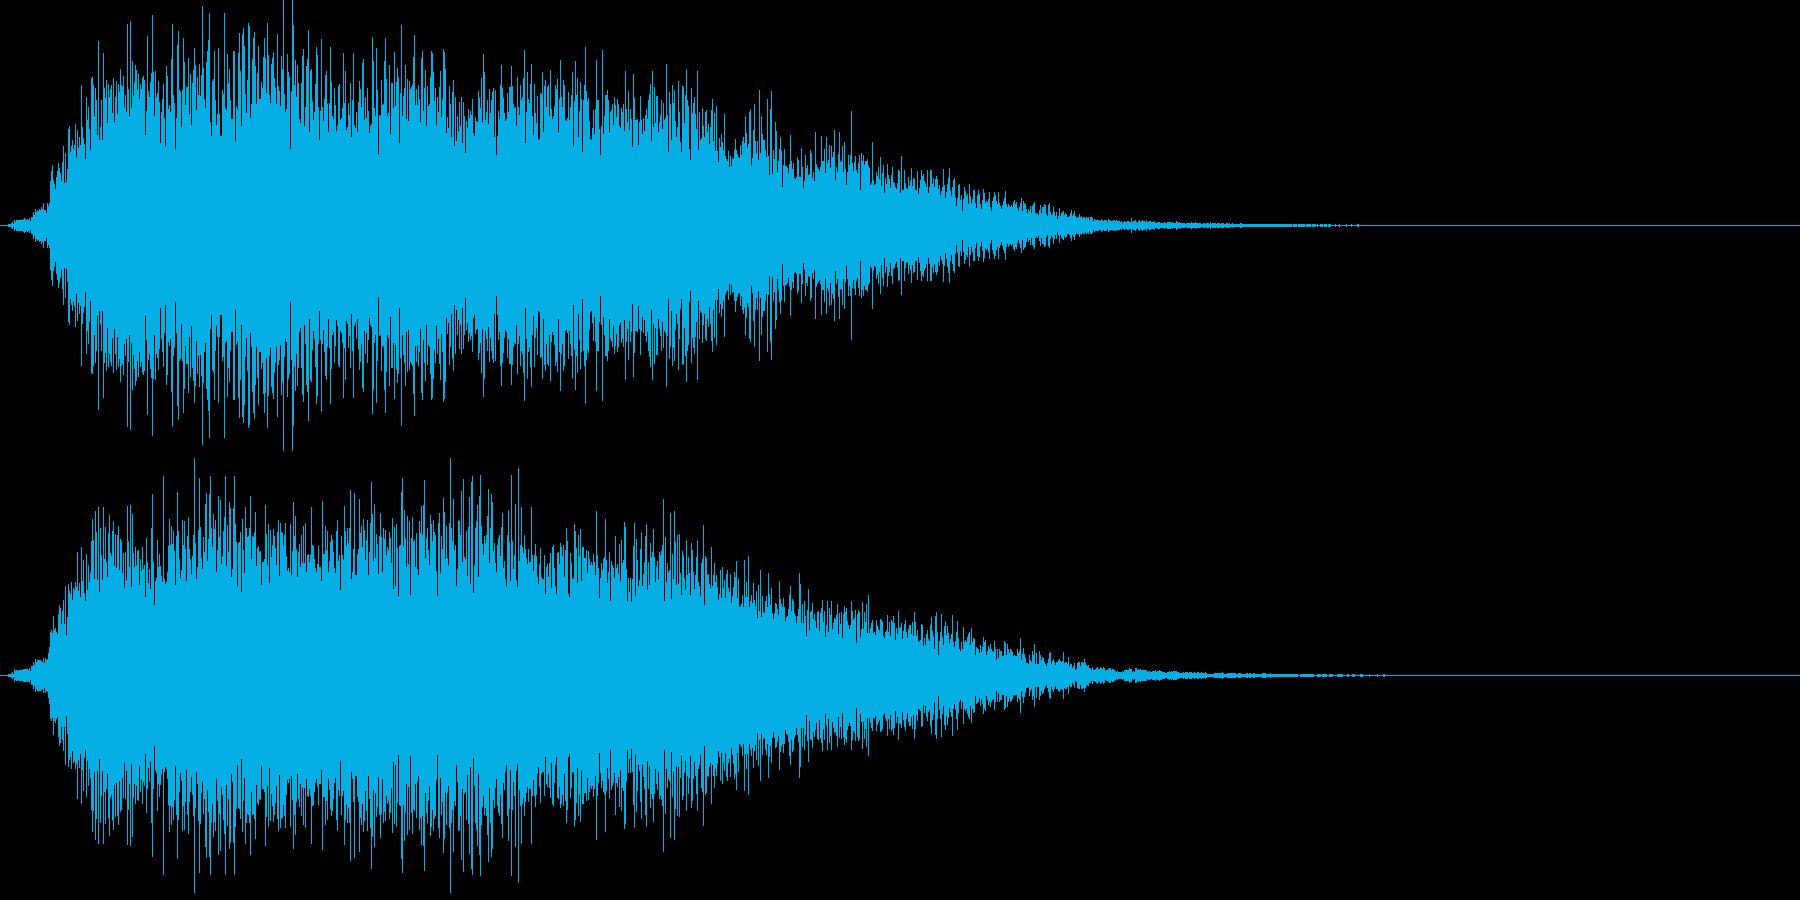 ドヨ~ン...。めまいでふらつく音(高)の再生済みの波形